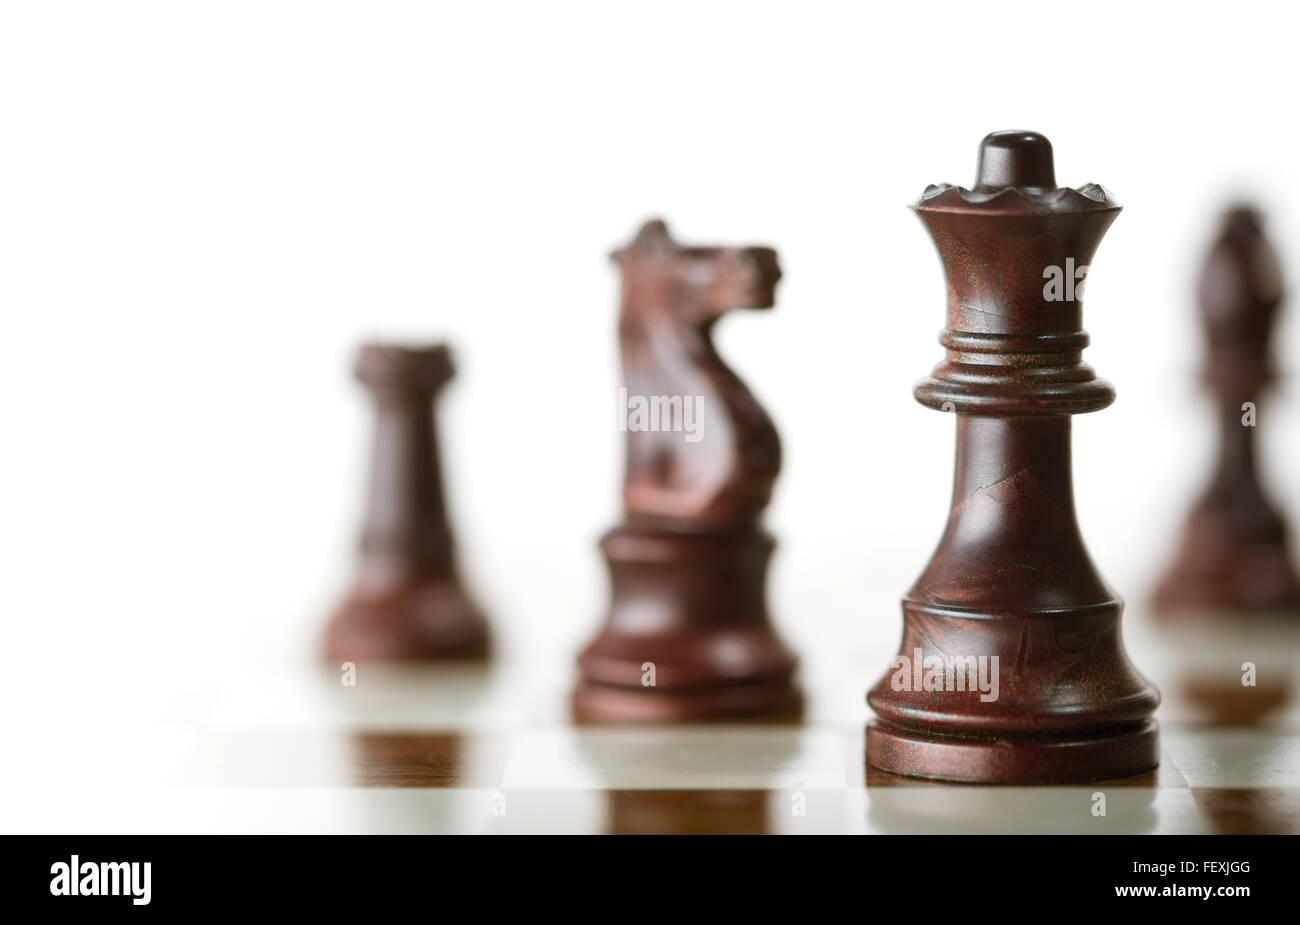 Horizontale Bild von ein Schachspiel mit Fokus auf die Königin und eine verschwommene Stücke über Stockbild